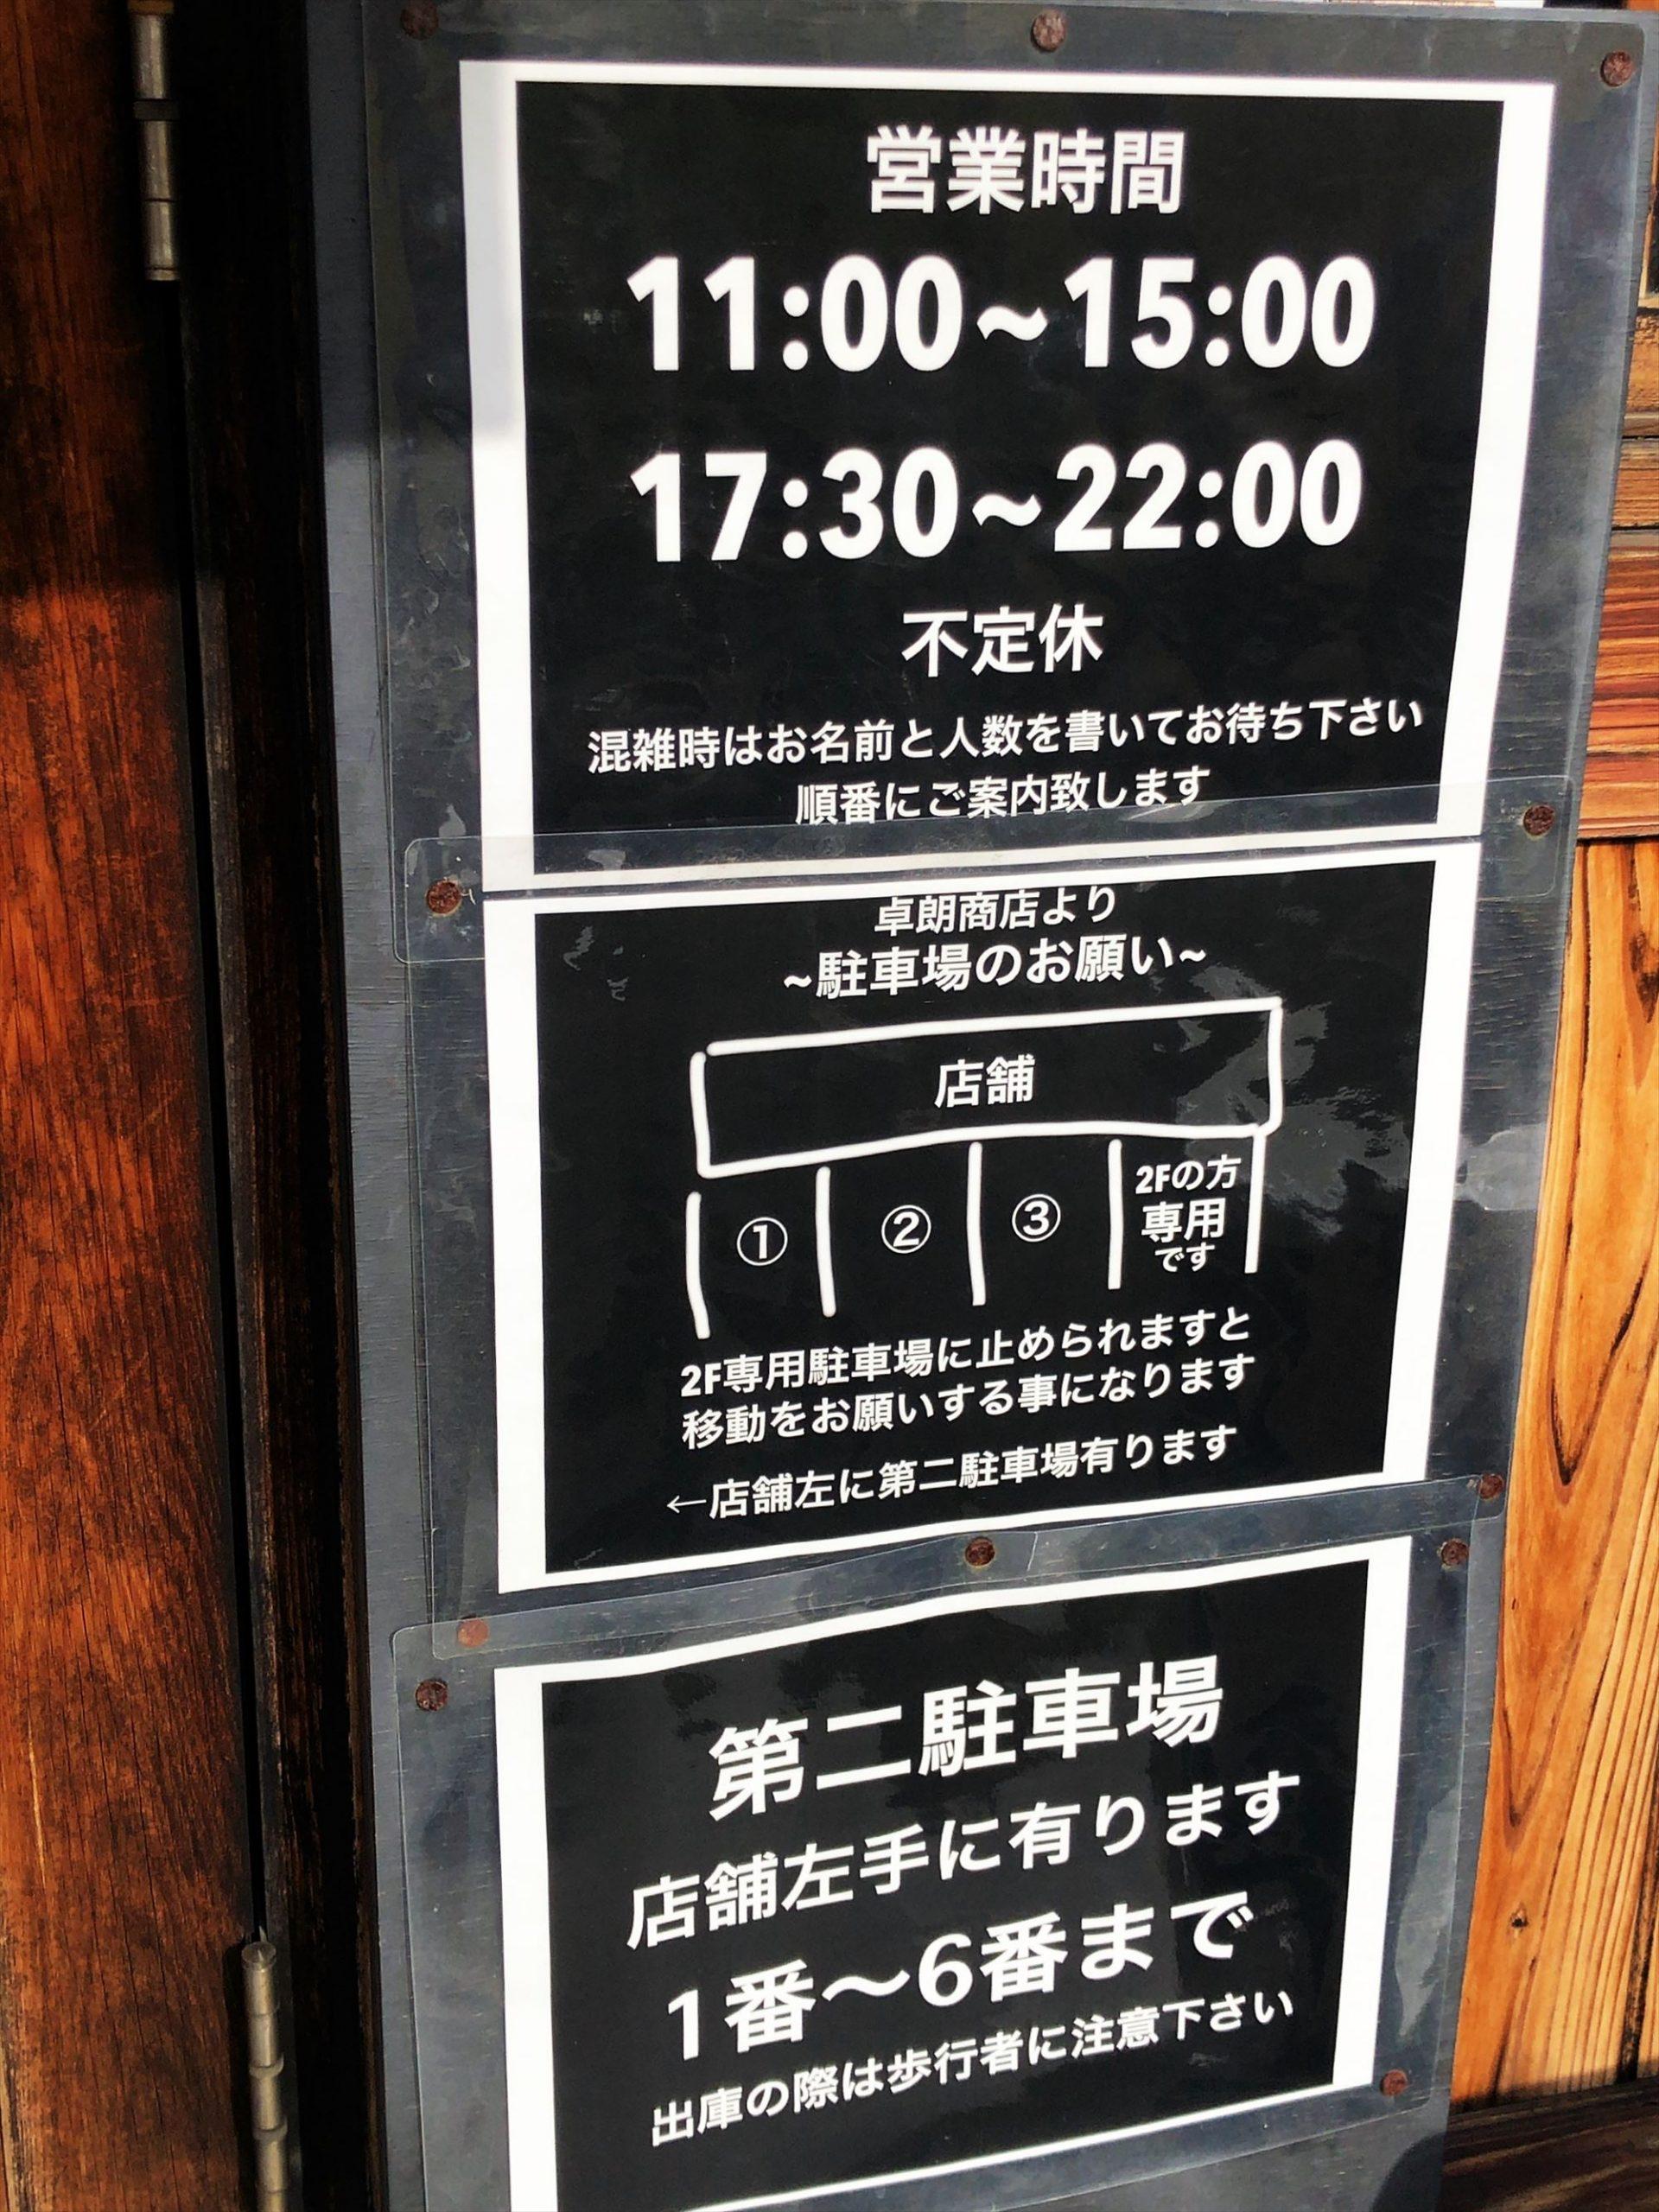 麺屋 卓朗商店の営業時間